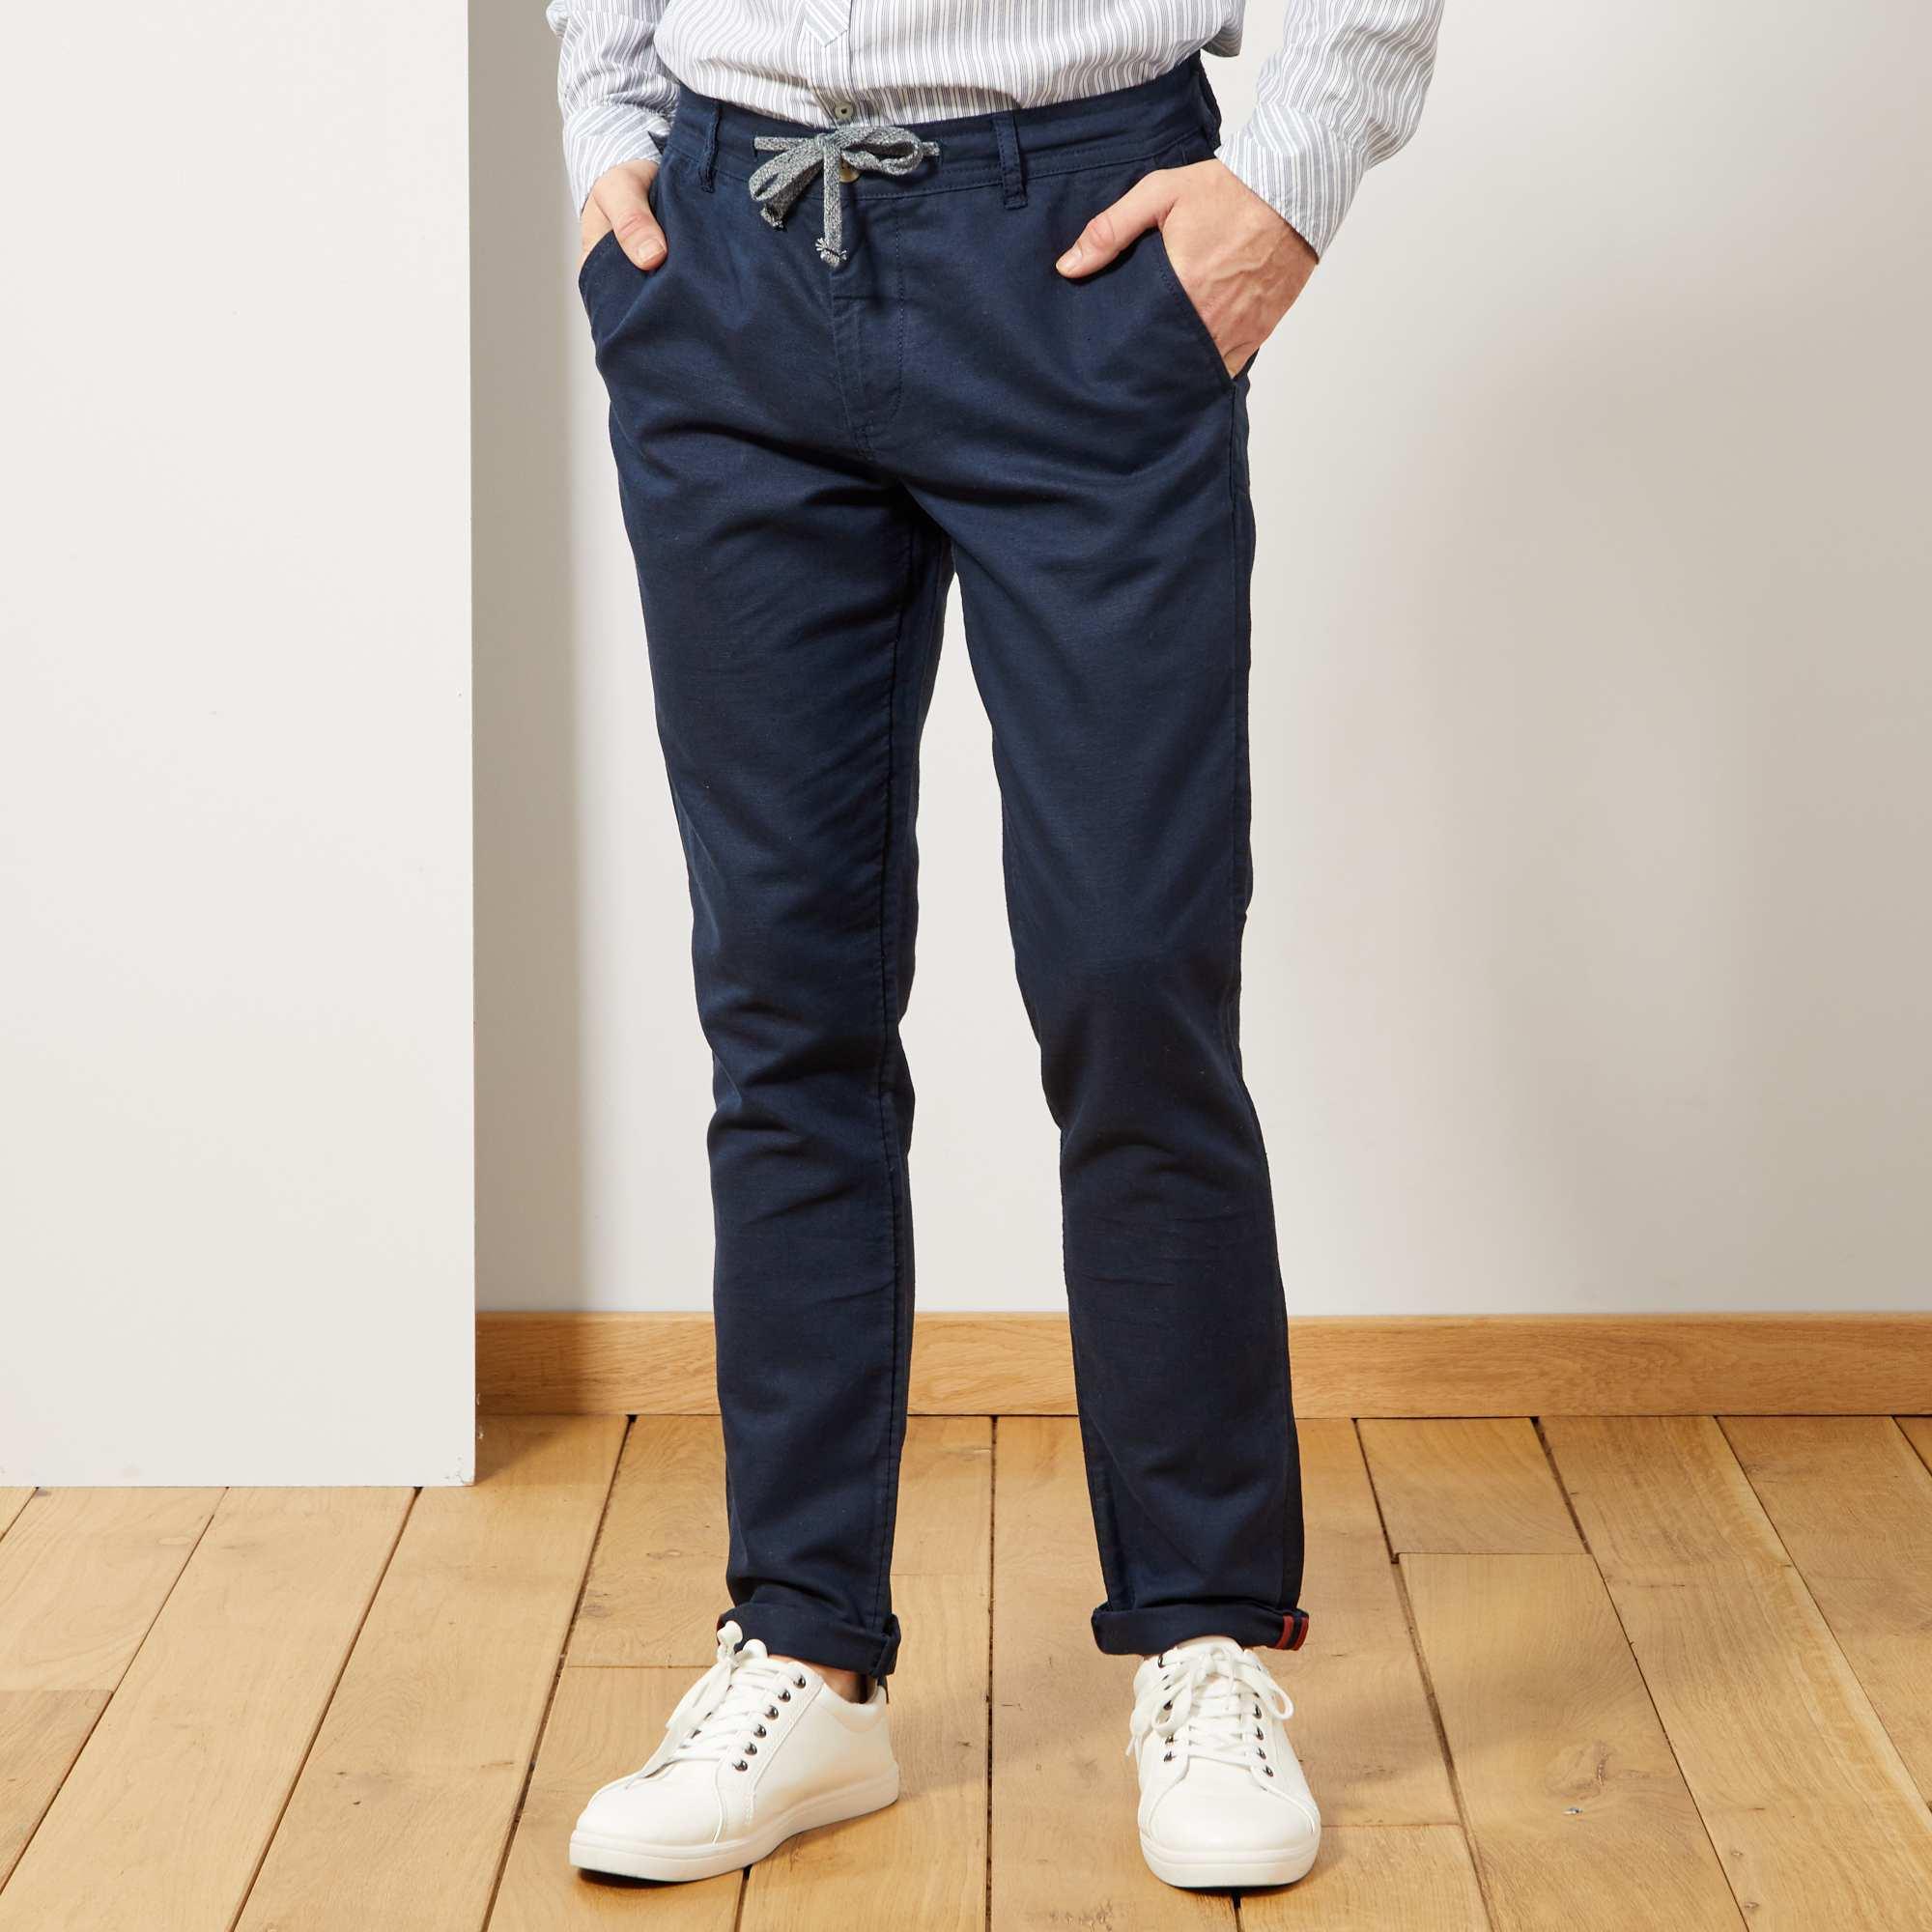 61985c260d Pantalón chino slim de algodón y lino Hombre - AZUL - Kiabi - 20